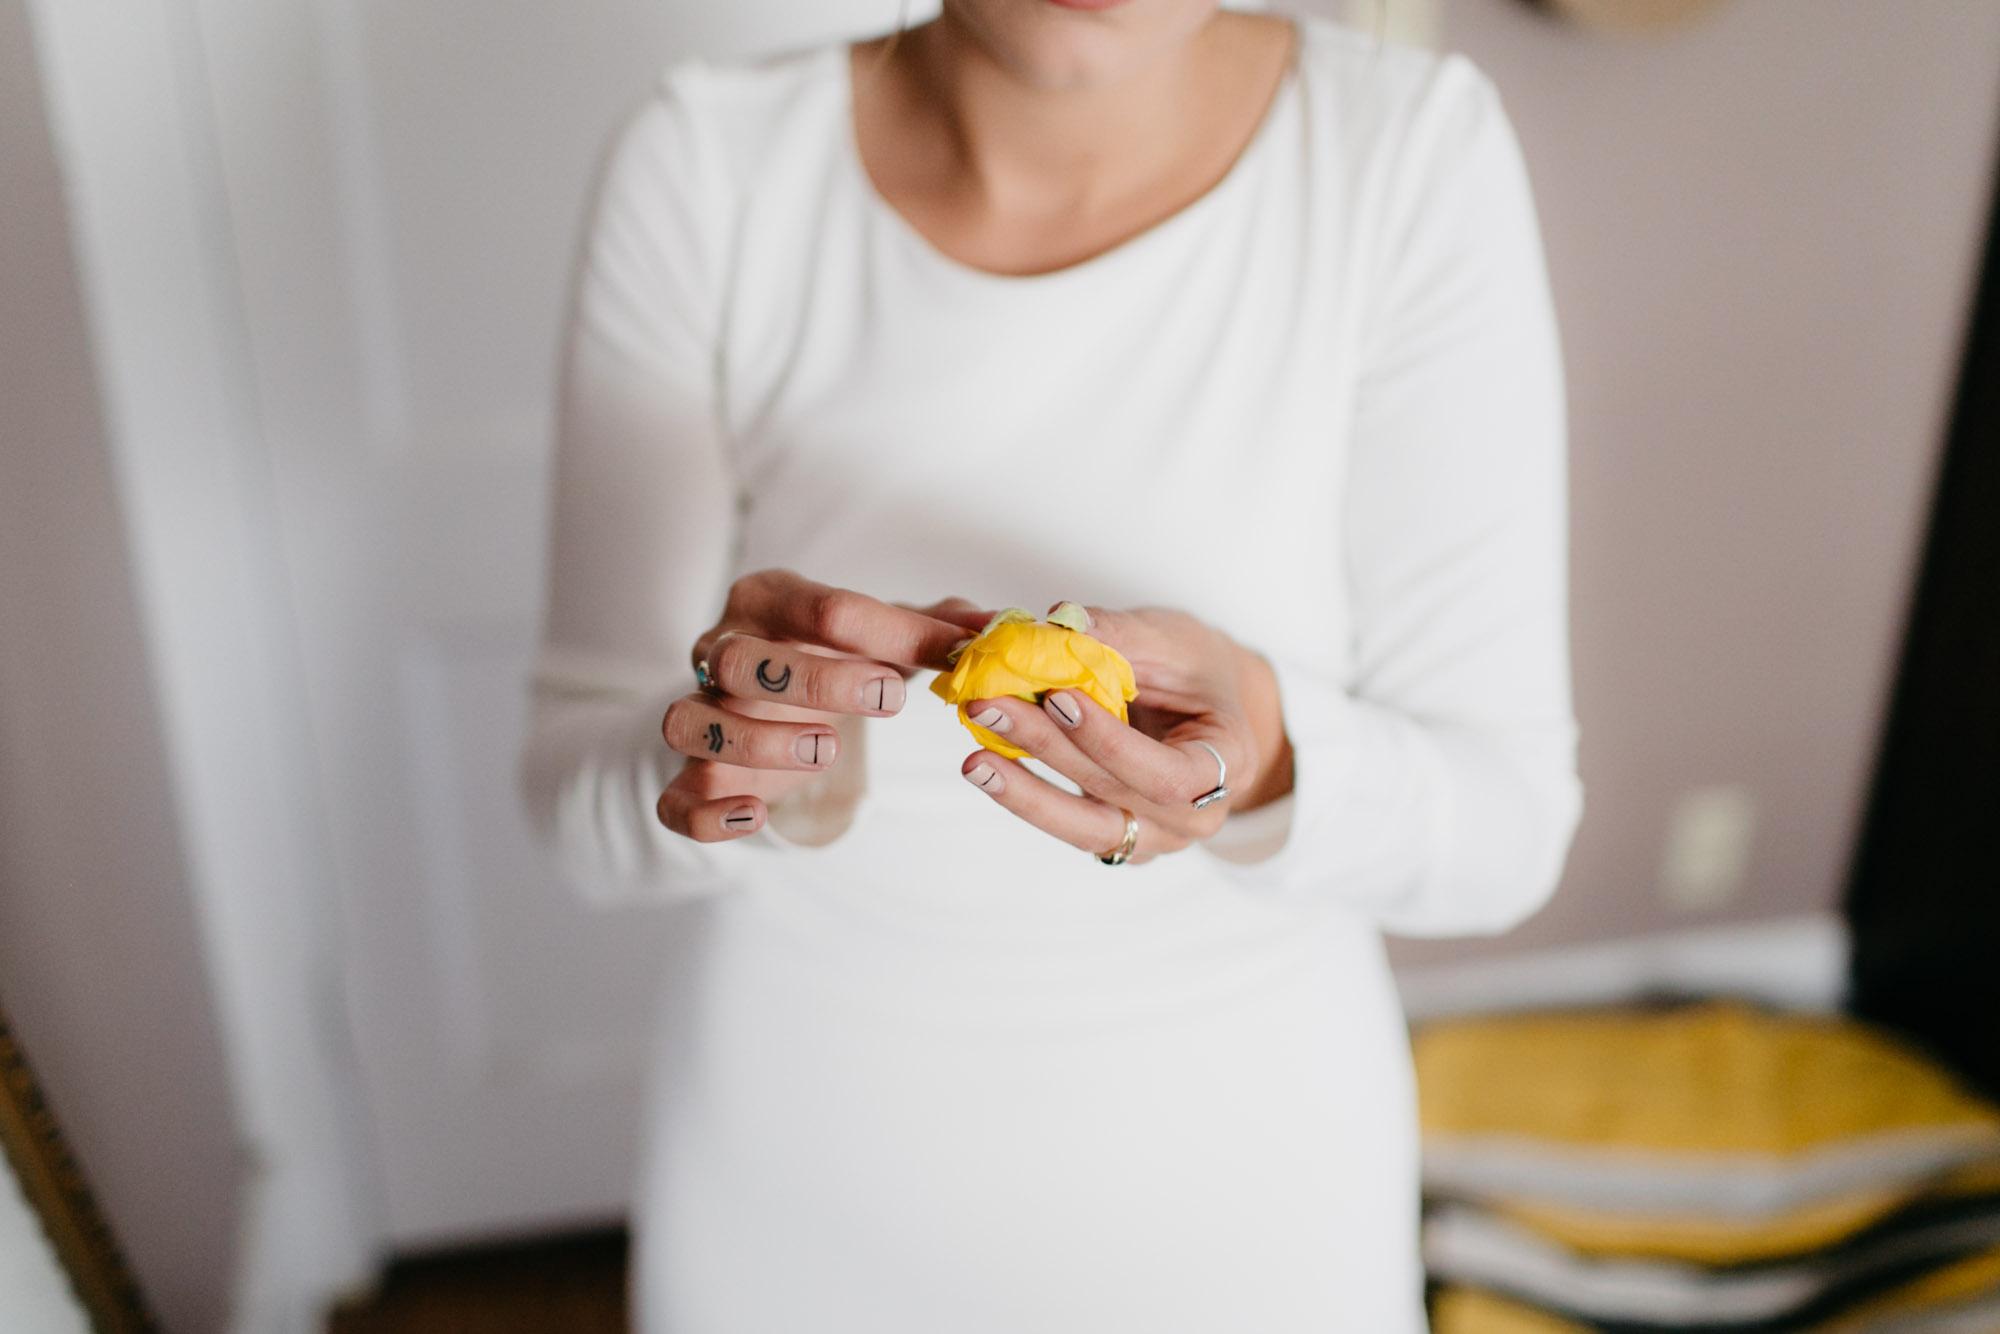 omaha-elopement-photographer-10.jpg